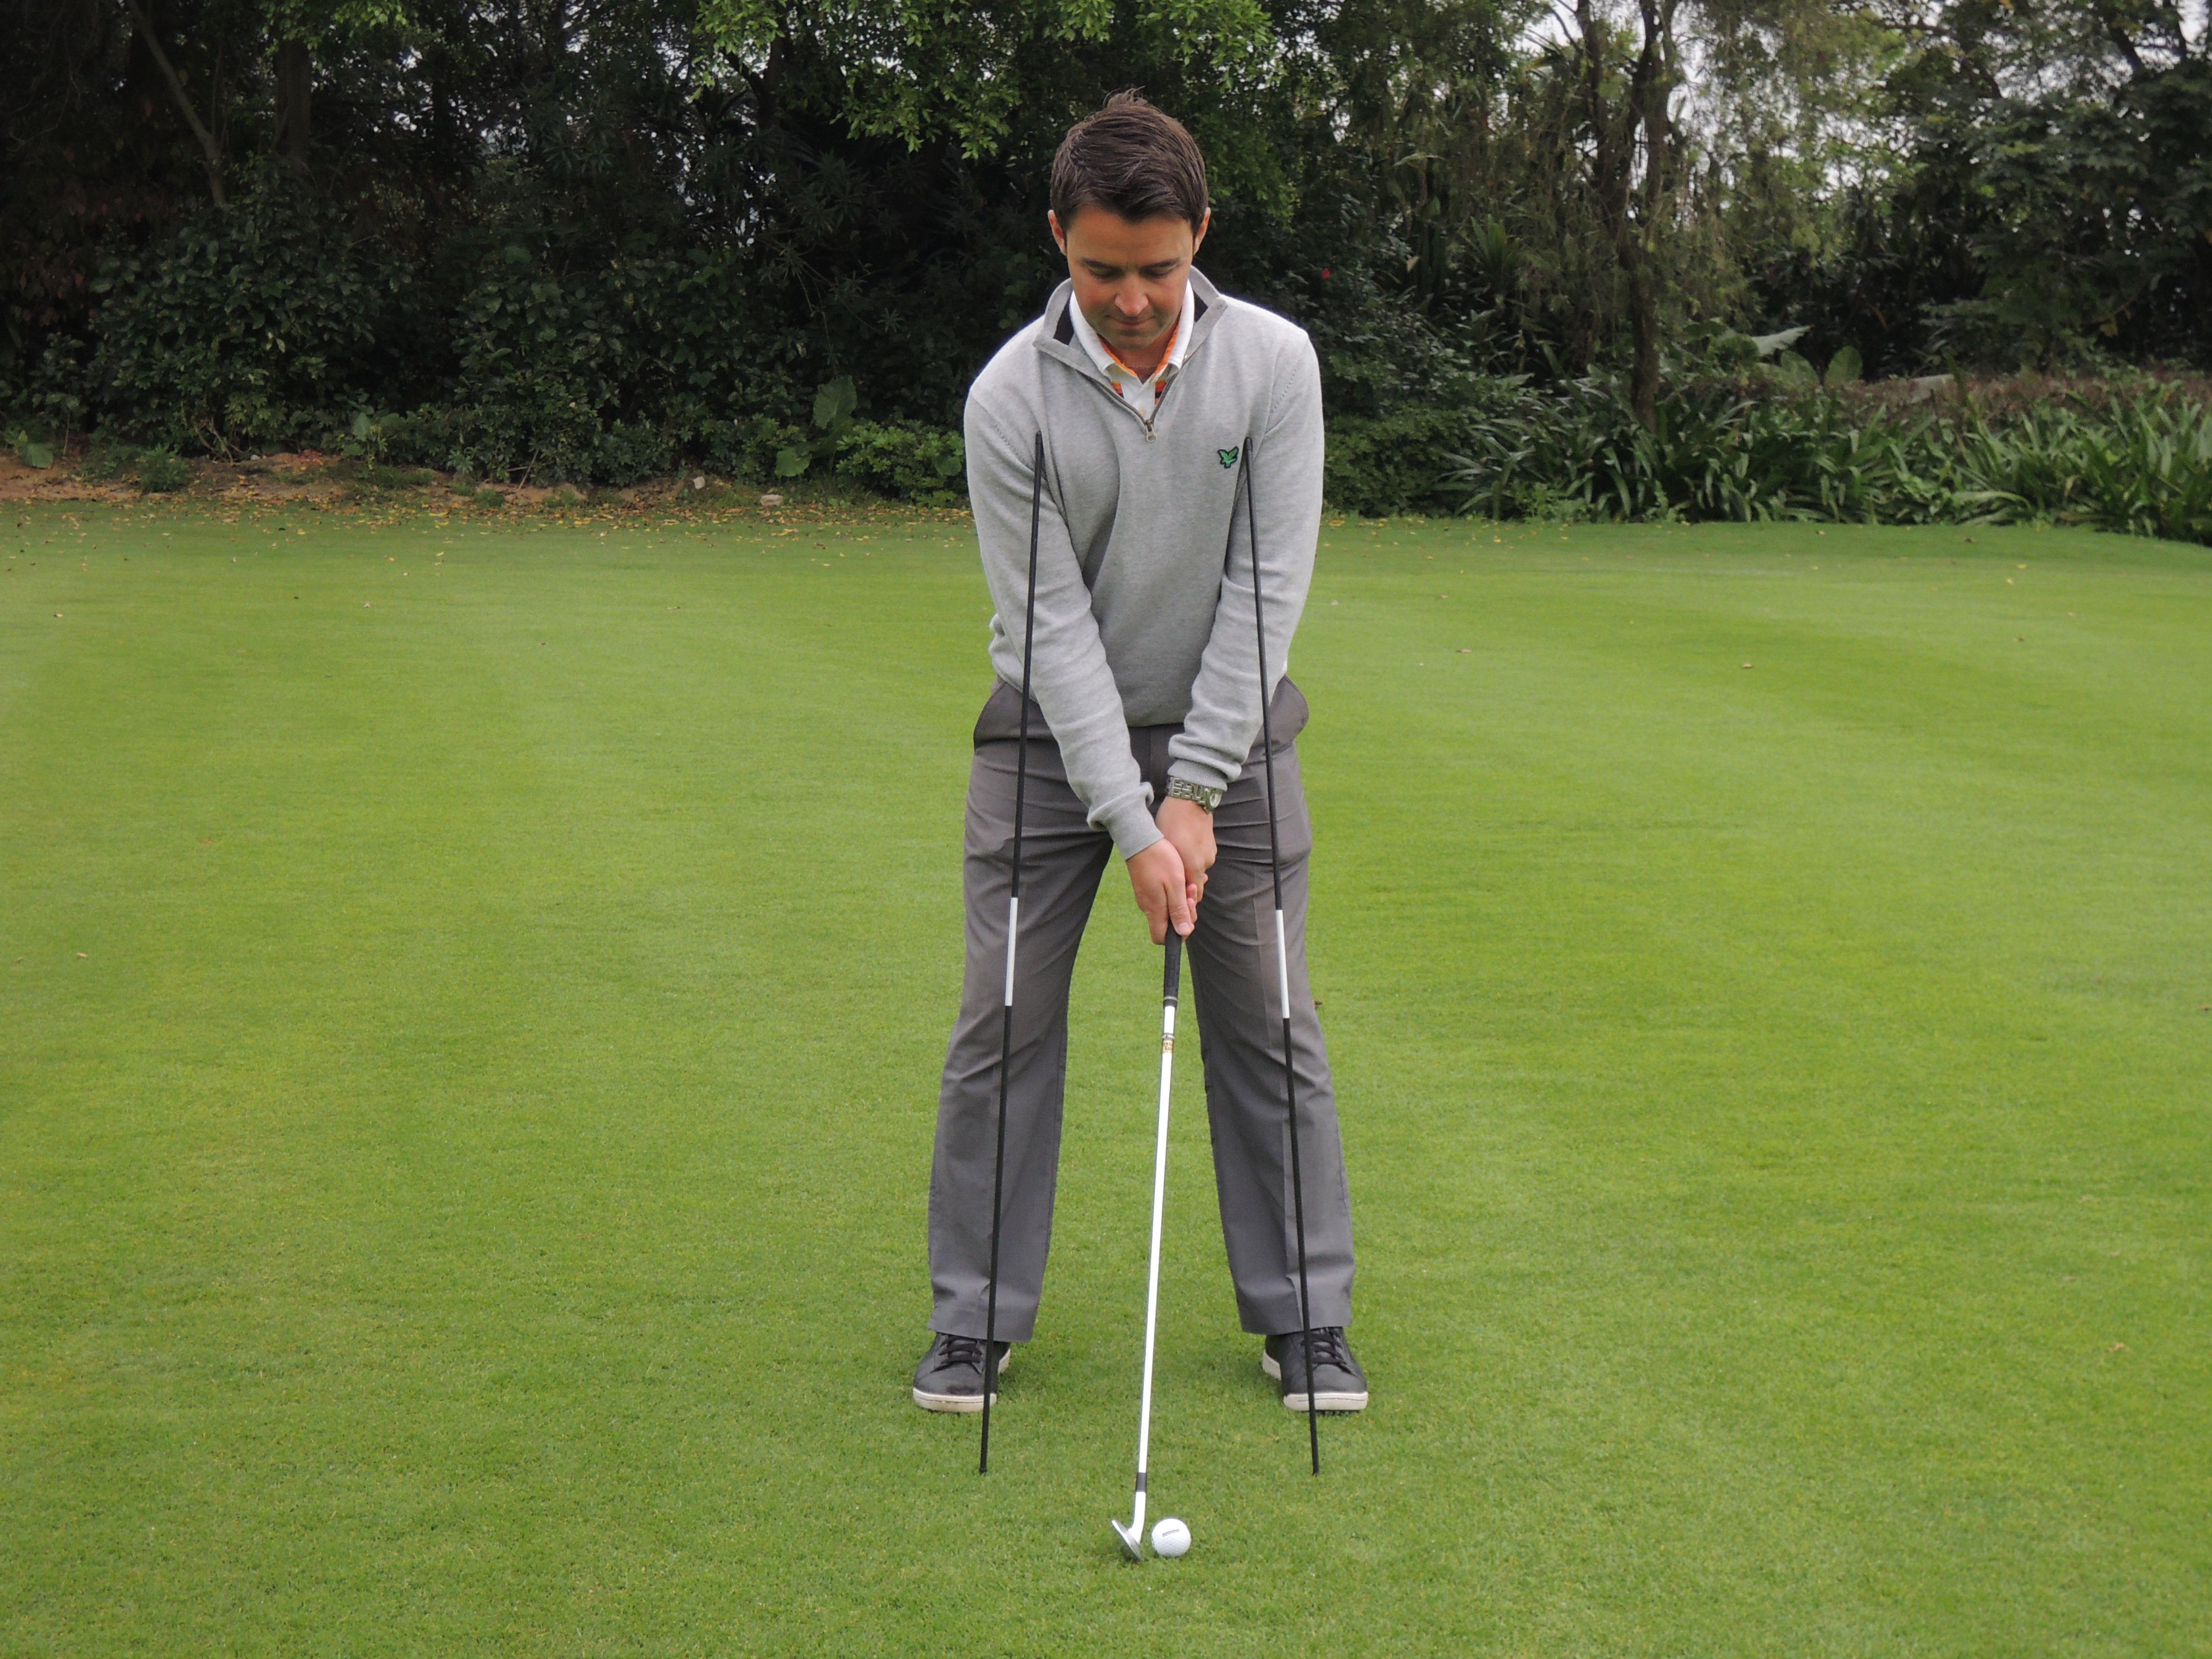 高尔夫击球前的站位和准备姿势